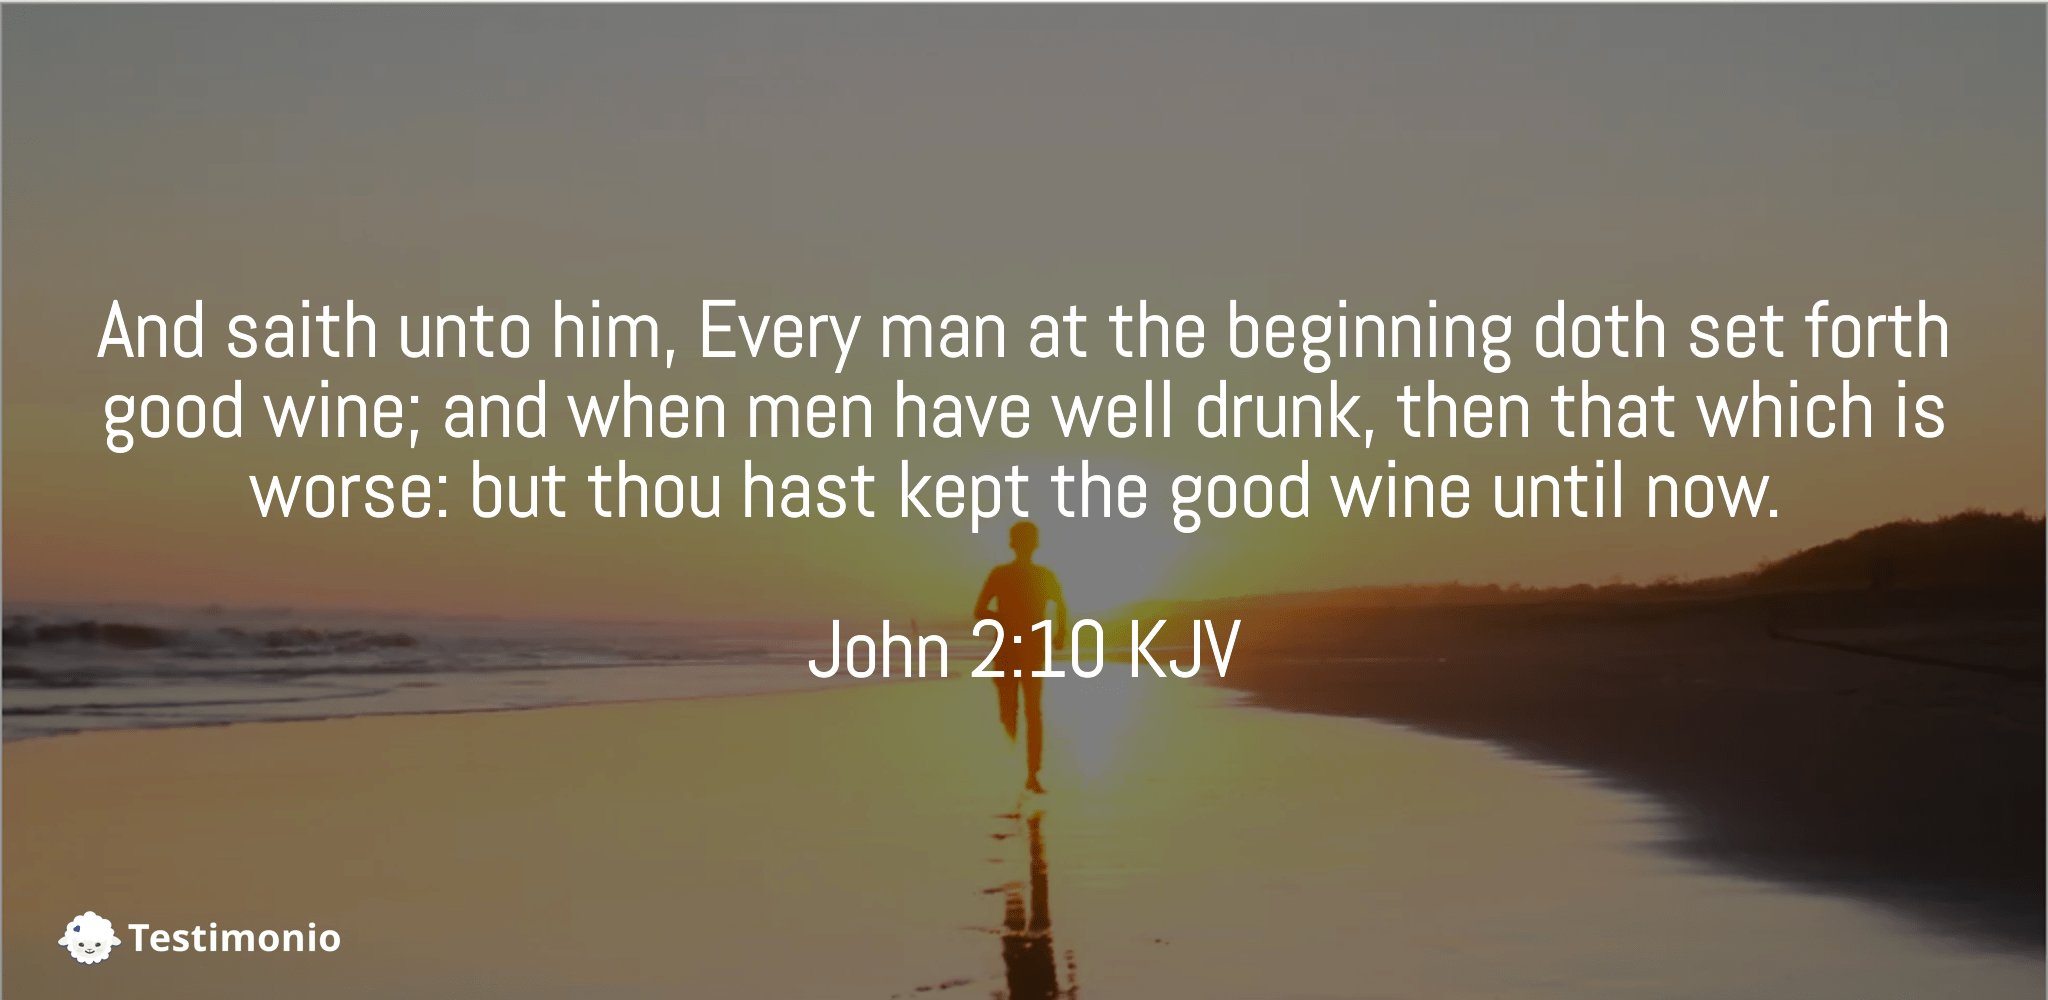 John 2:10